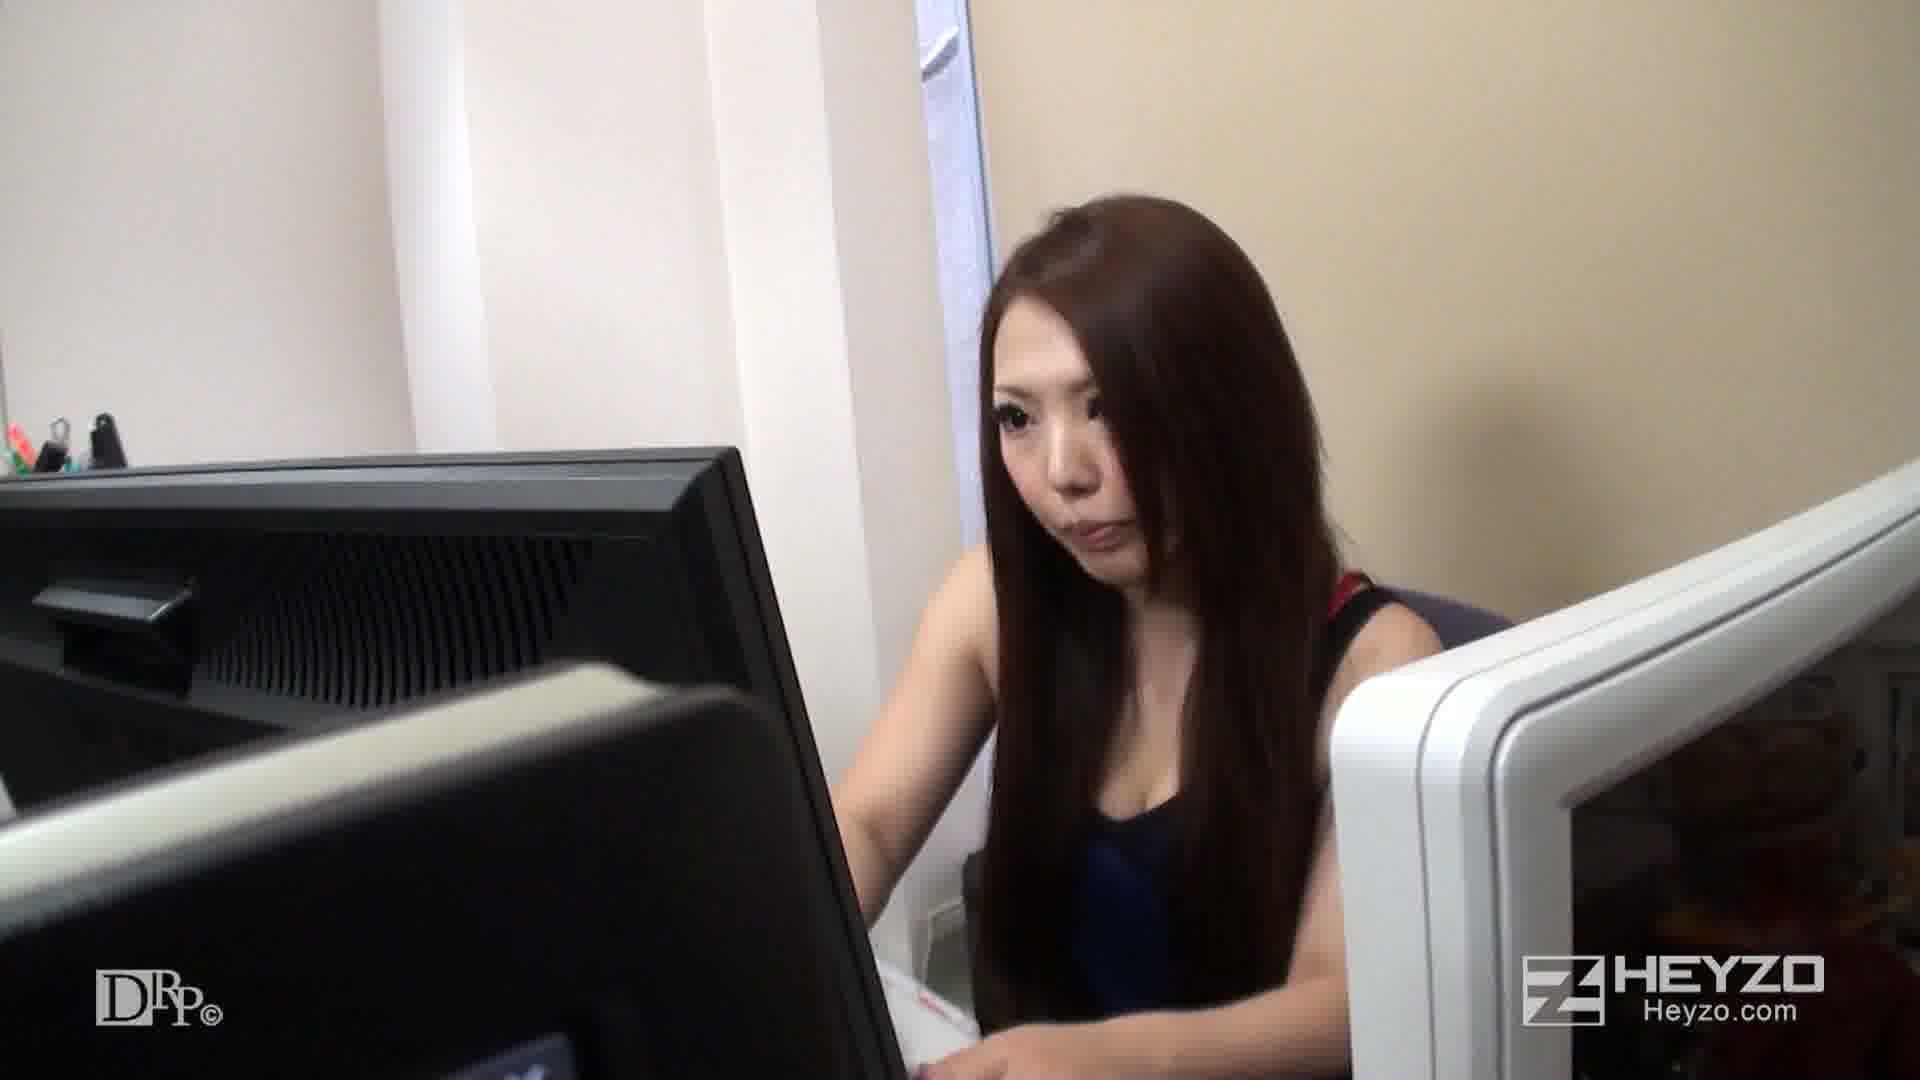 最近のOLはオフィスでしっぽり~仕事中でも我慢できない~ - ゆう【オナニー ローター 男乱入】